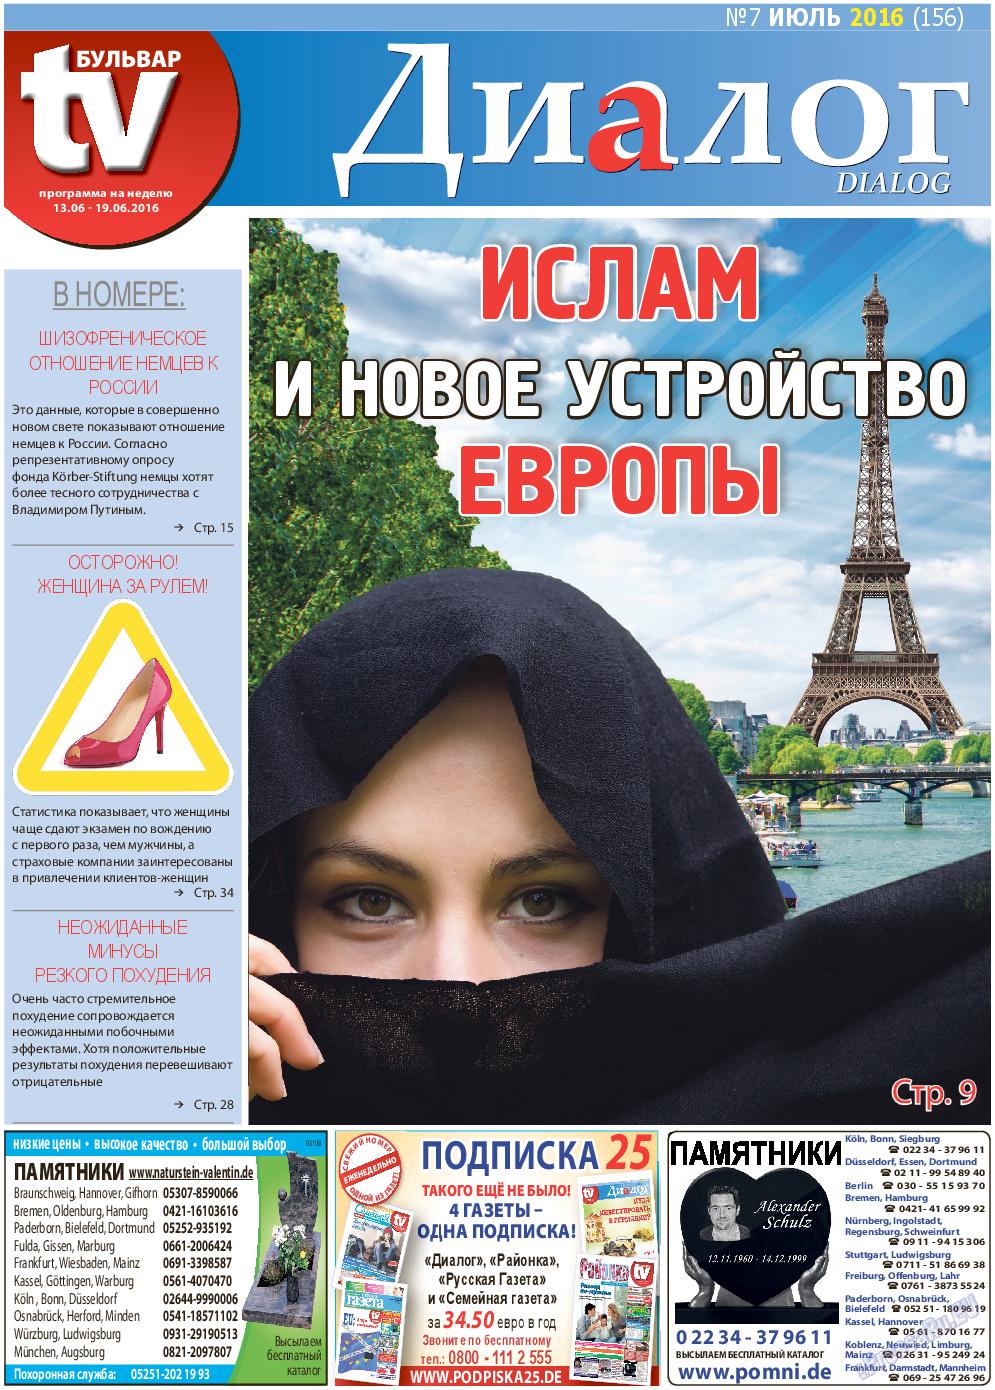 Диалог (газета). 2016 год, номер 7, стр. 1